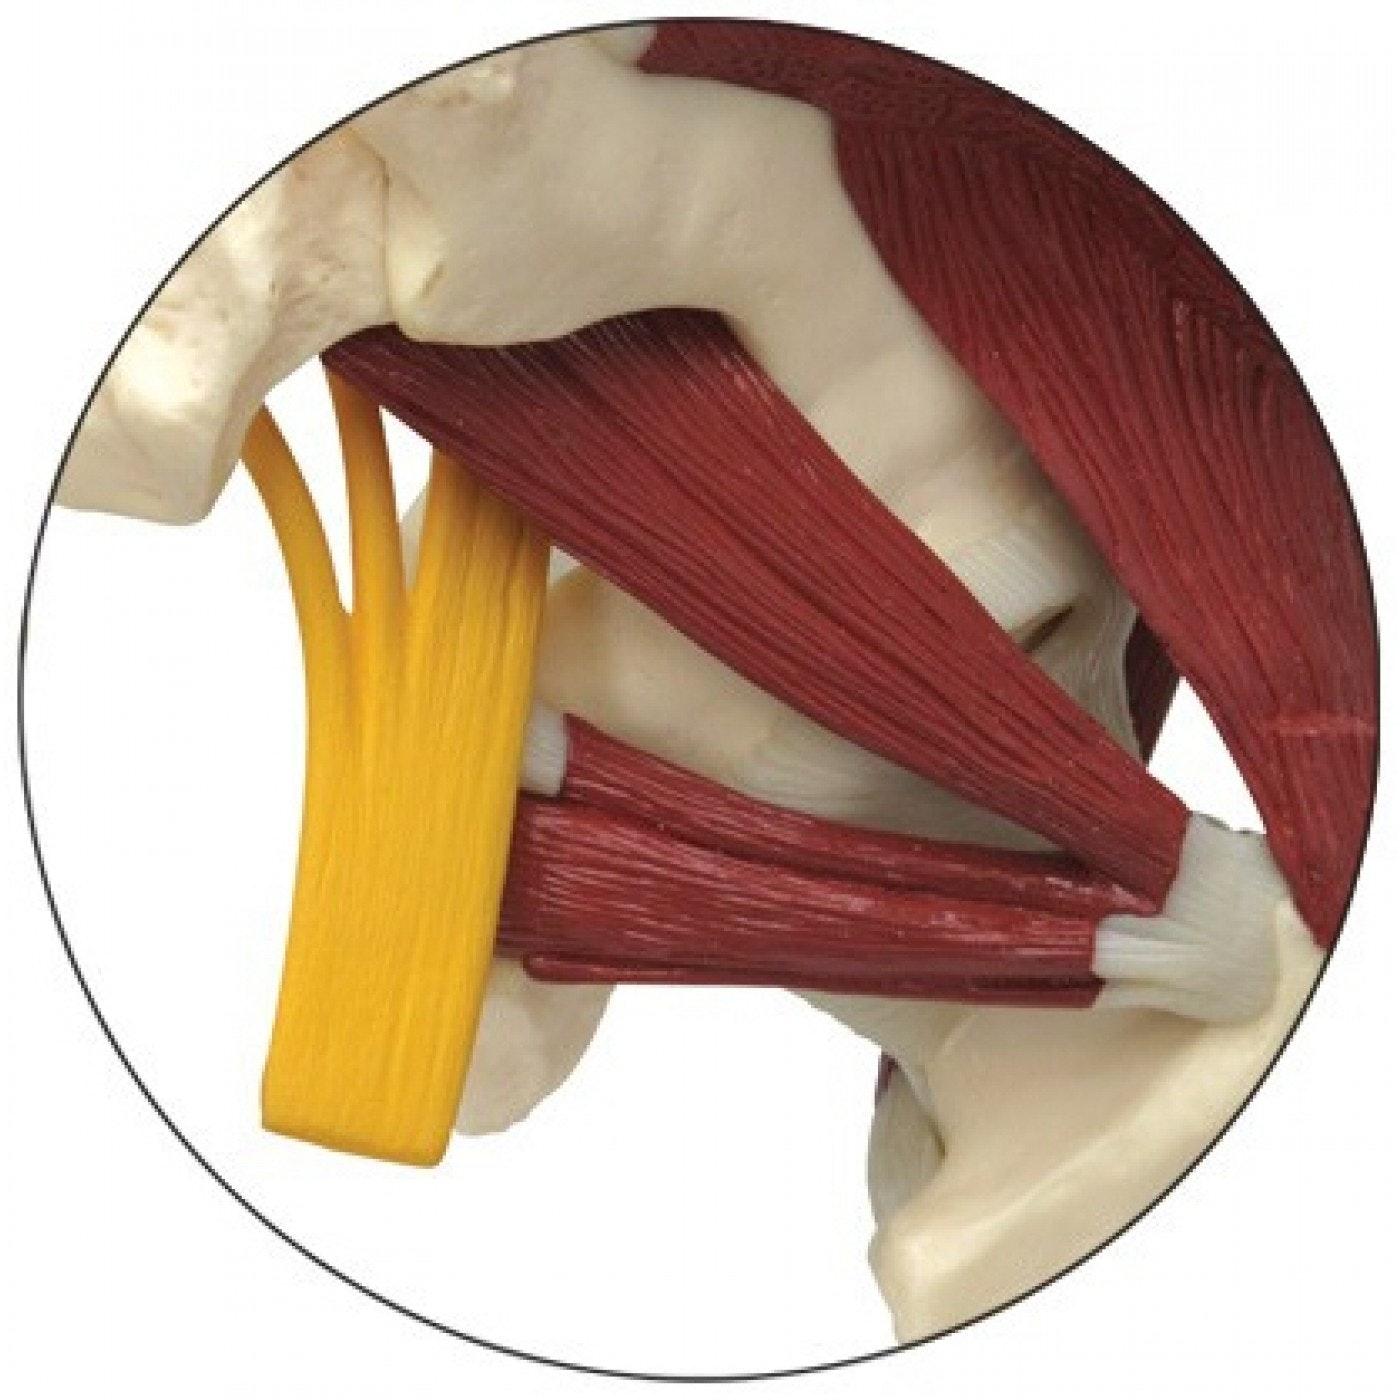 Komplet hoftemodel med 2 lumbalhvirvler, ledbånd, muskler og iskiasnerven